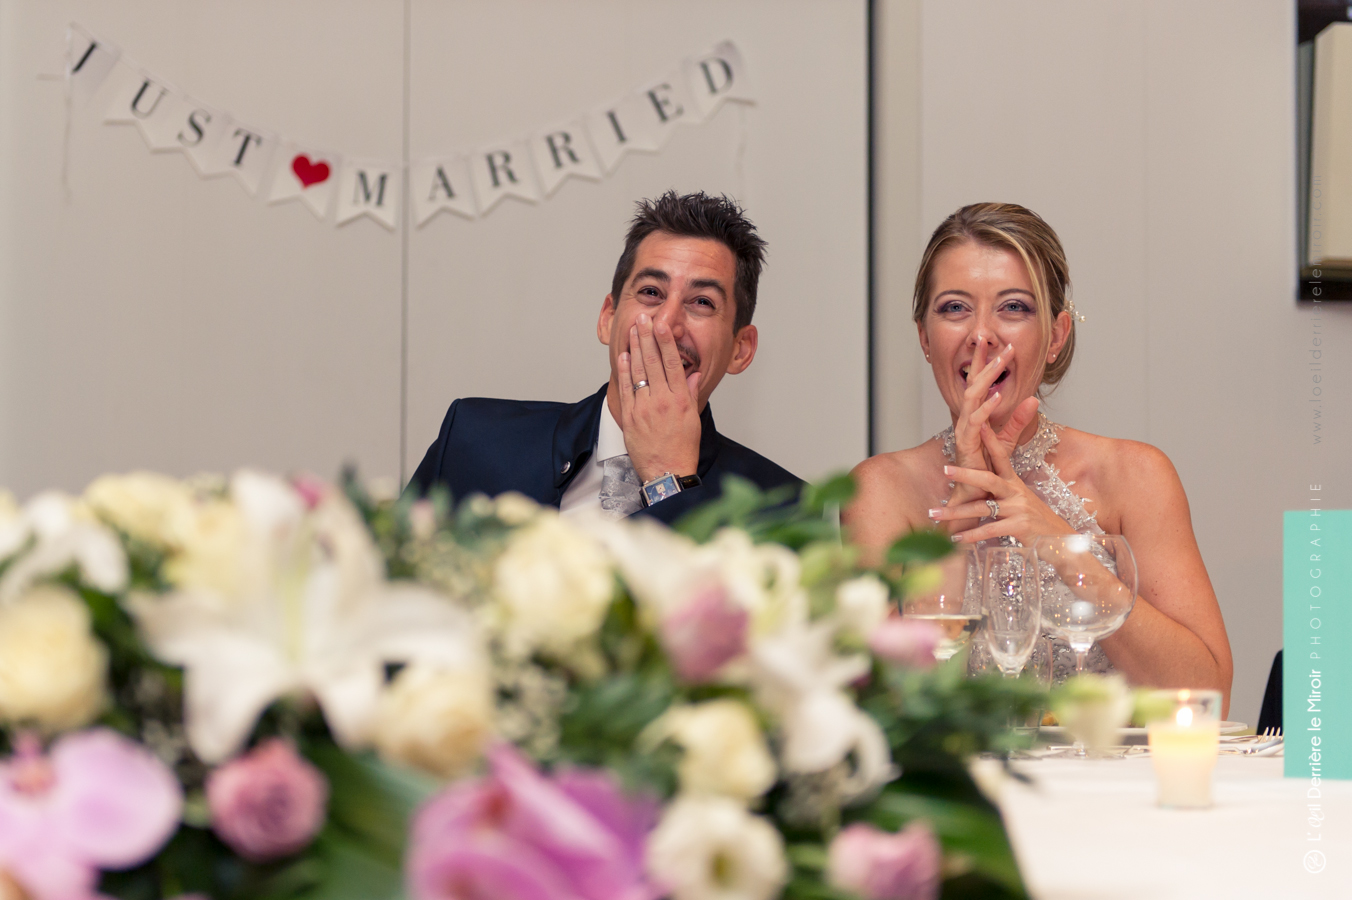 Photographe-mariage-monaco-loeilderrierelemiroir-094